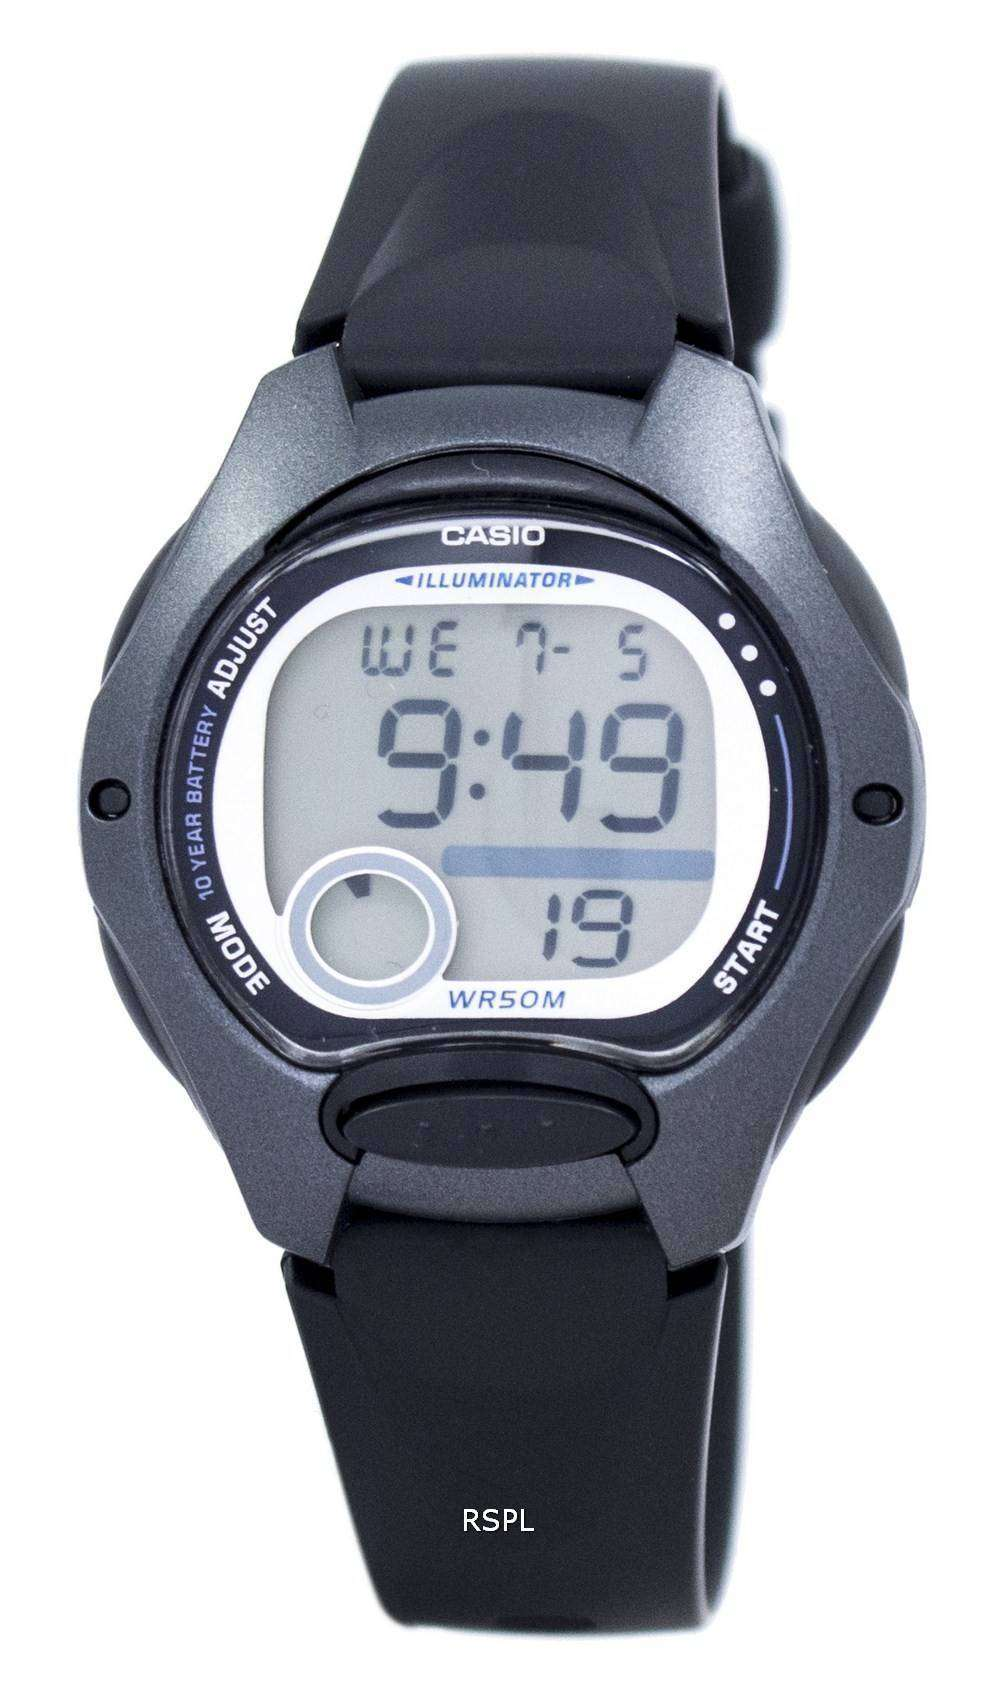 Las Dual Mujeres Lw200 Iluminador Reloj Casio De 1bv Lw Alarma Hora Digital 200 UMqSzVp